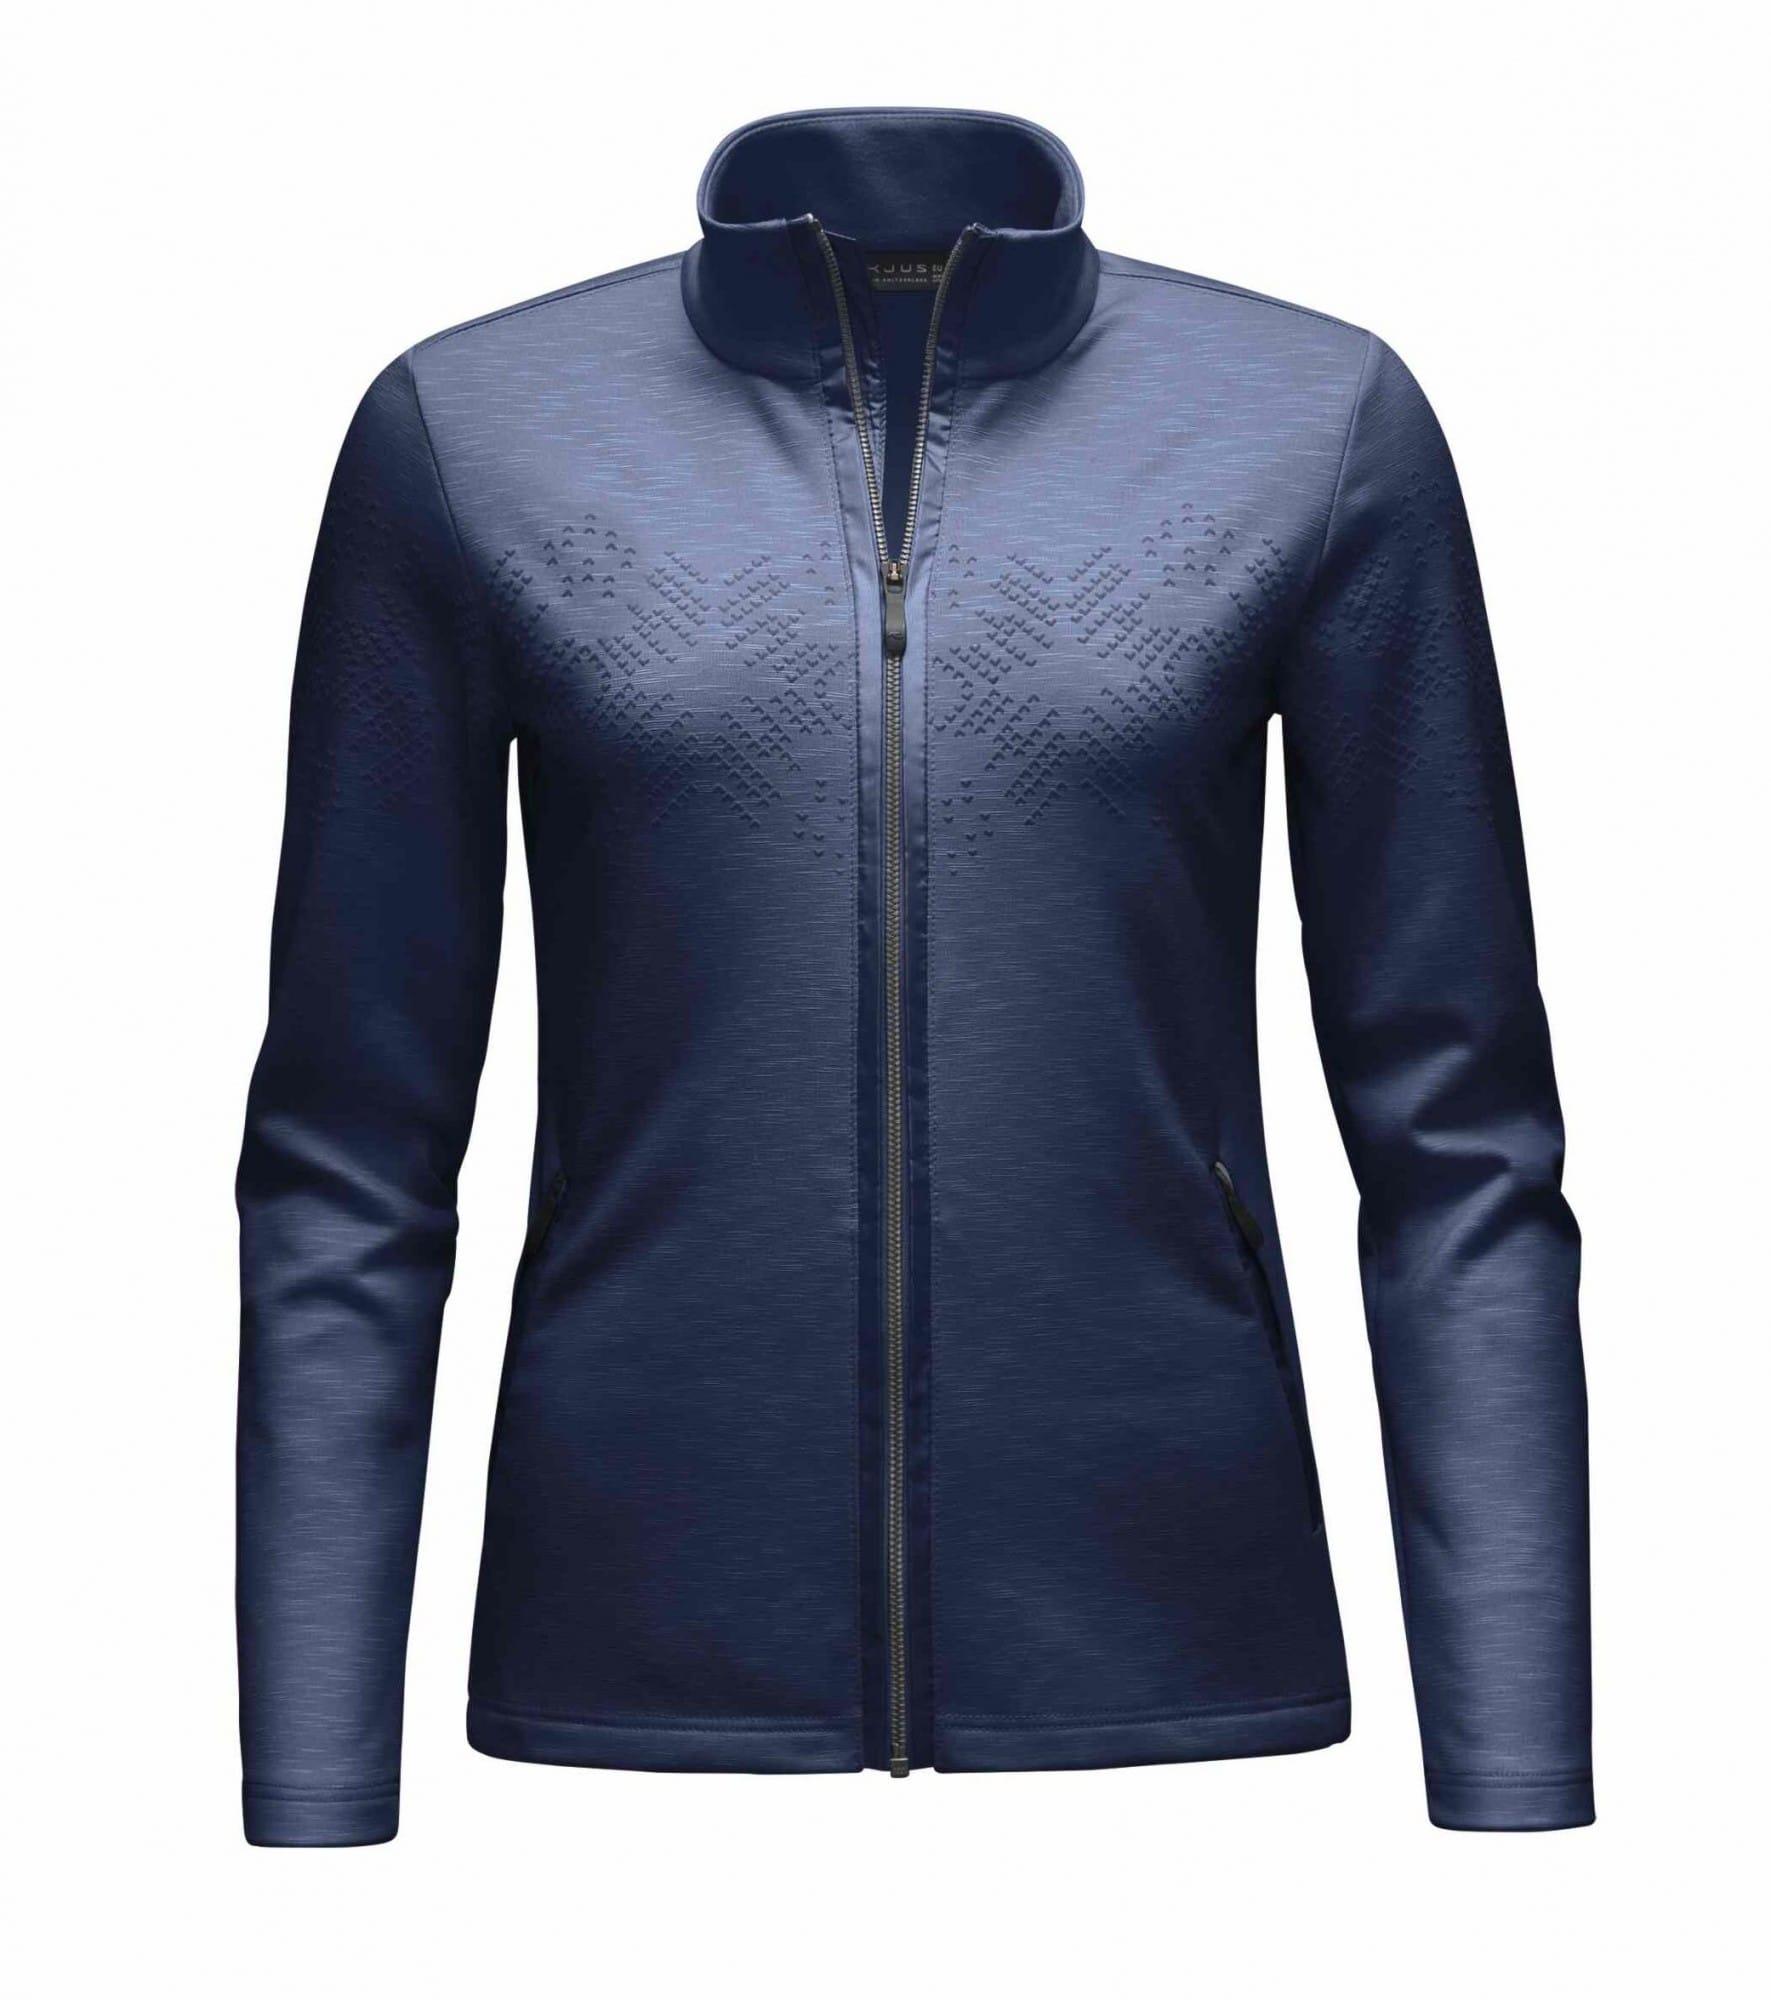 Kjus Ladies Madrisa Jacket Blau, Female Fleecejacke, 42